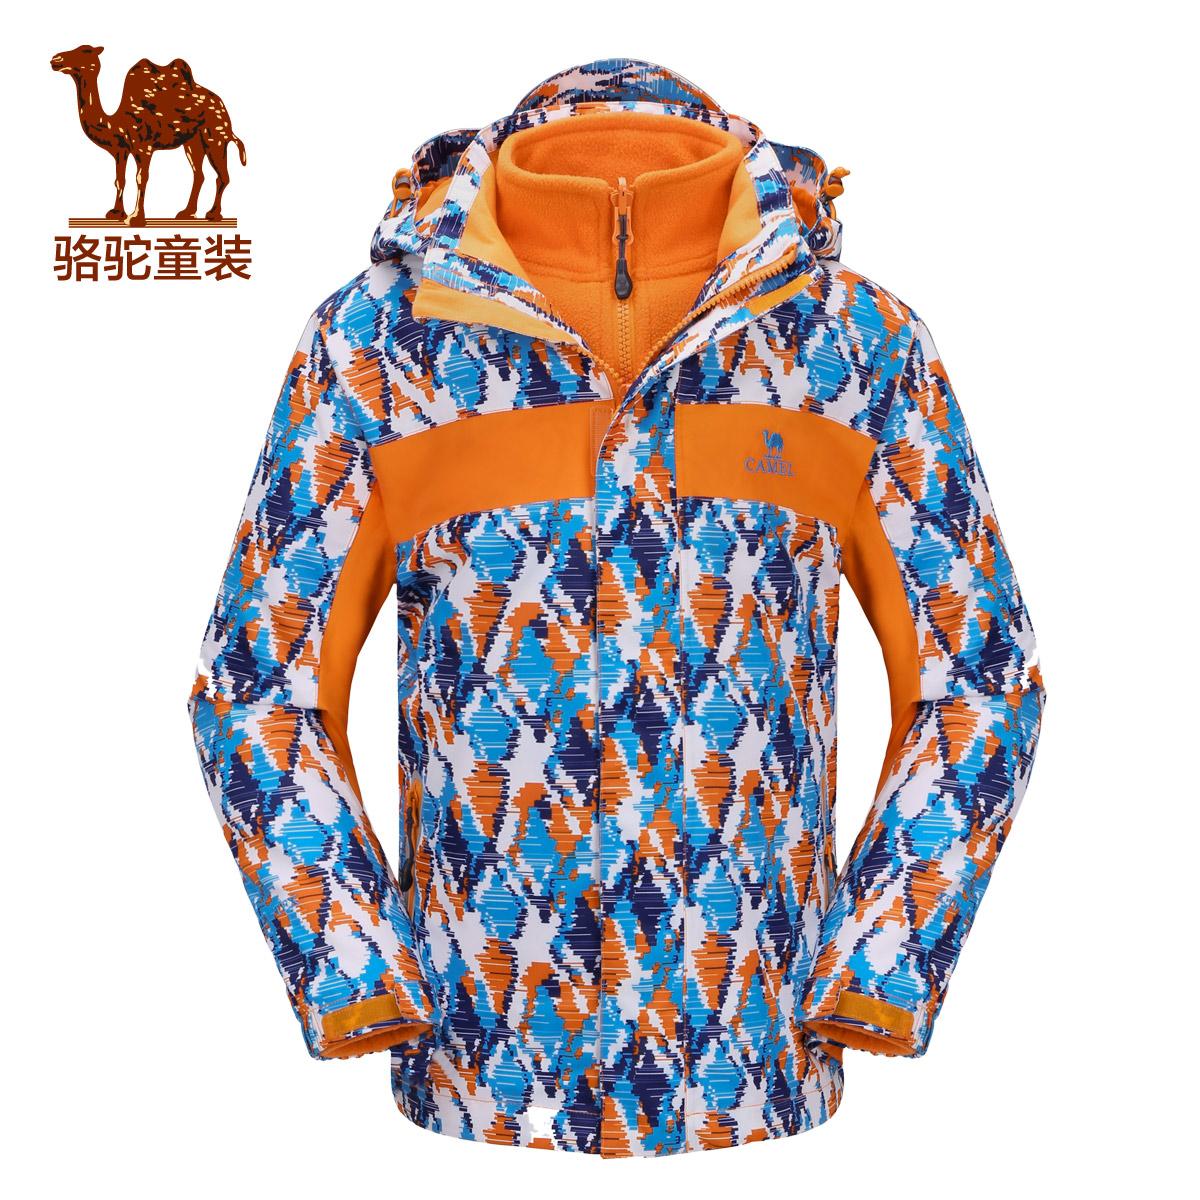 Цвет: a6w568827 оранжевый принт/оранжевый камень